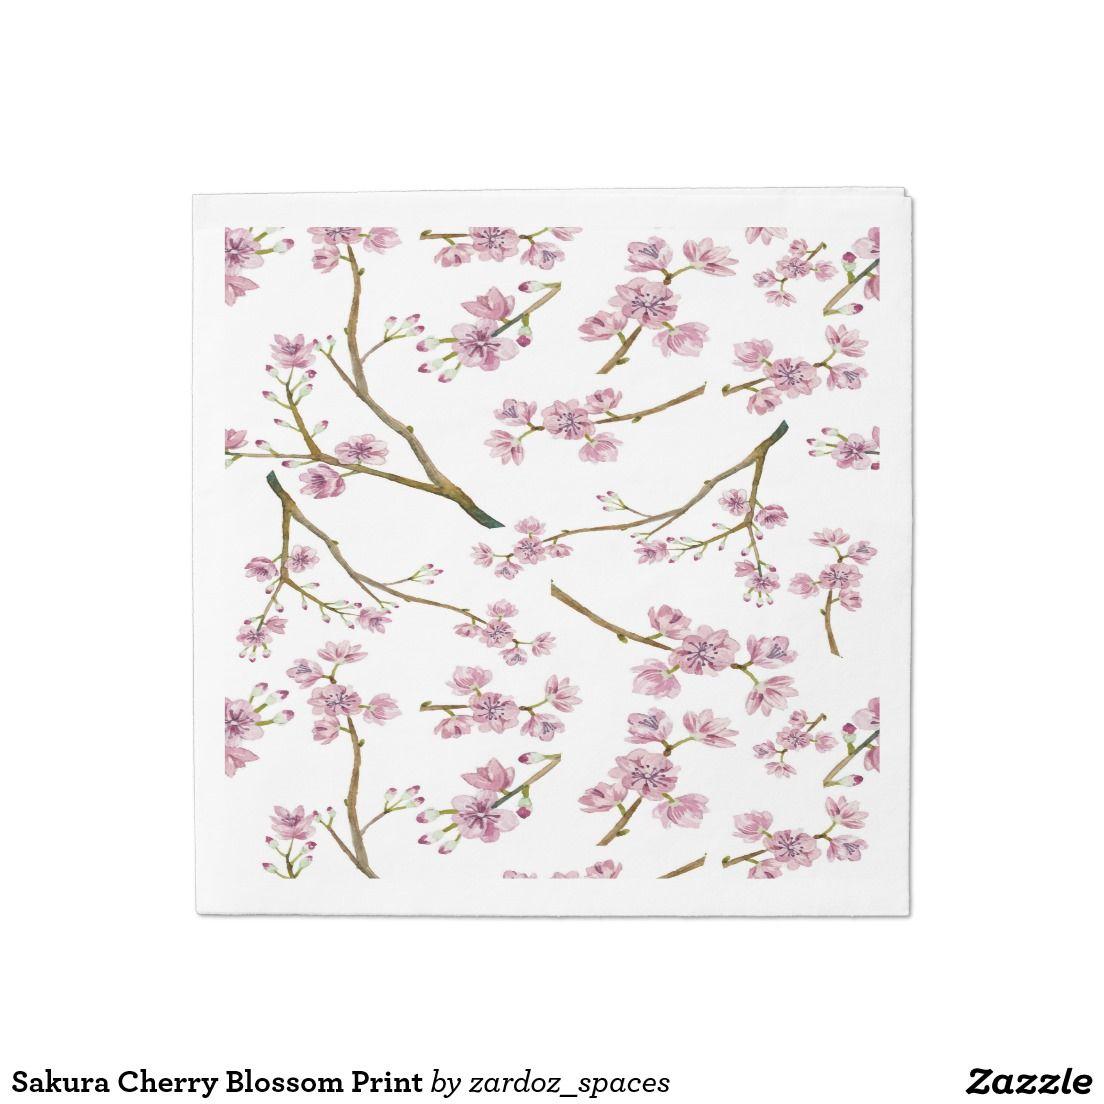 Sakura Cherry Blossom Print Napkin #sakura #cherryblossom #cherryblossoms #pattern #spring #summer #blossom  #napkin